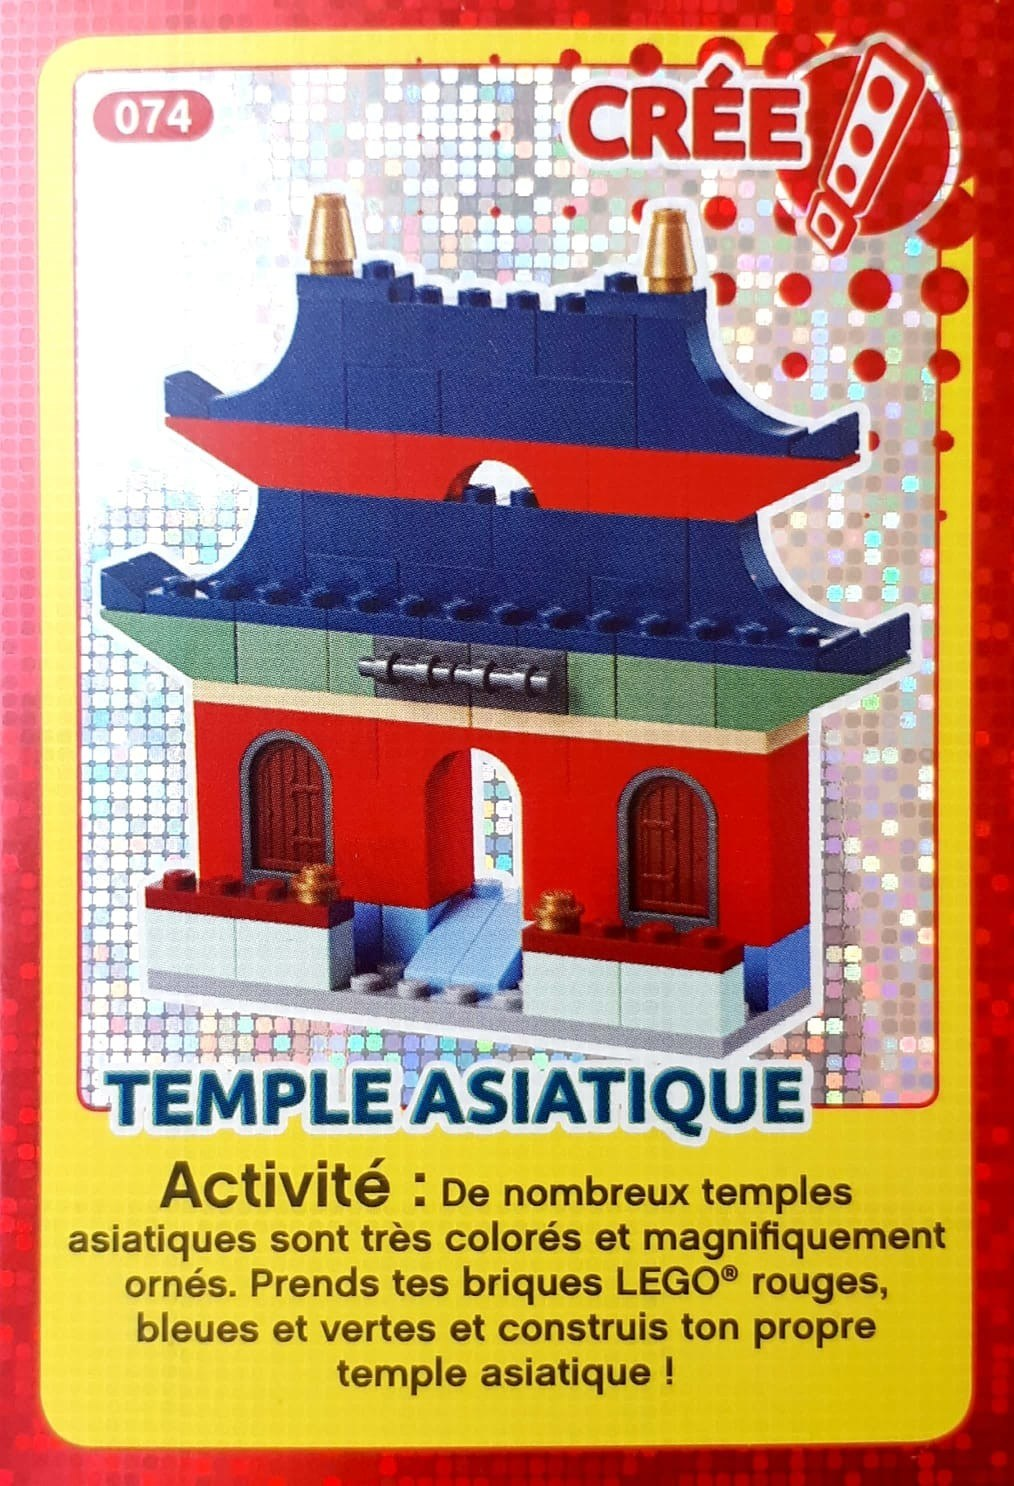 AuchanCrée Temple Cartes Ton Monde 074 Asiatique Lego 54Lq3RjAc